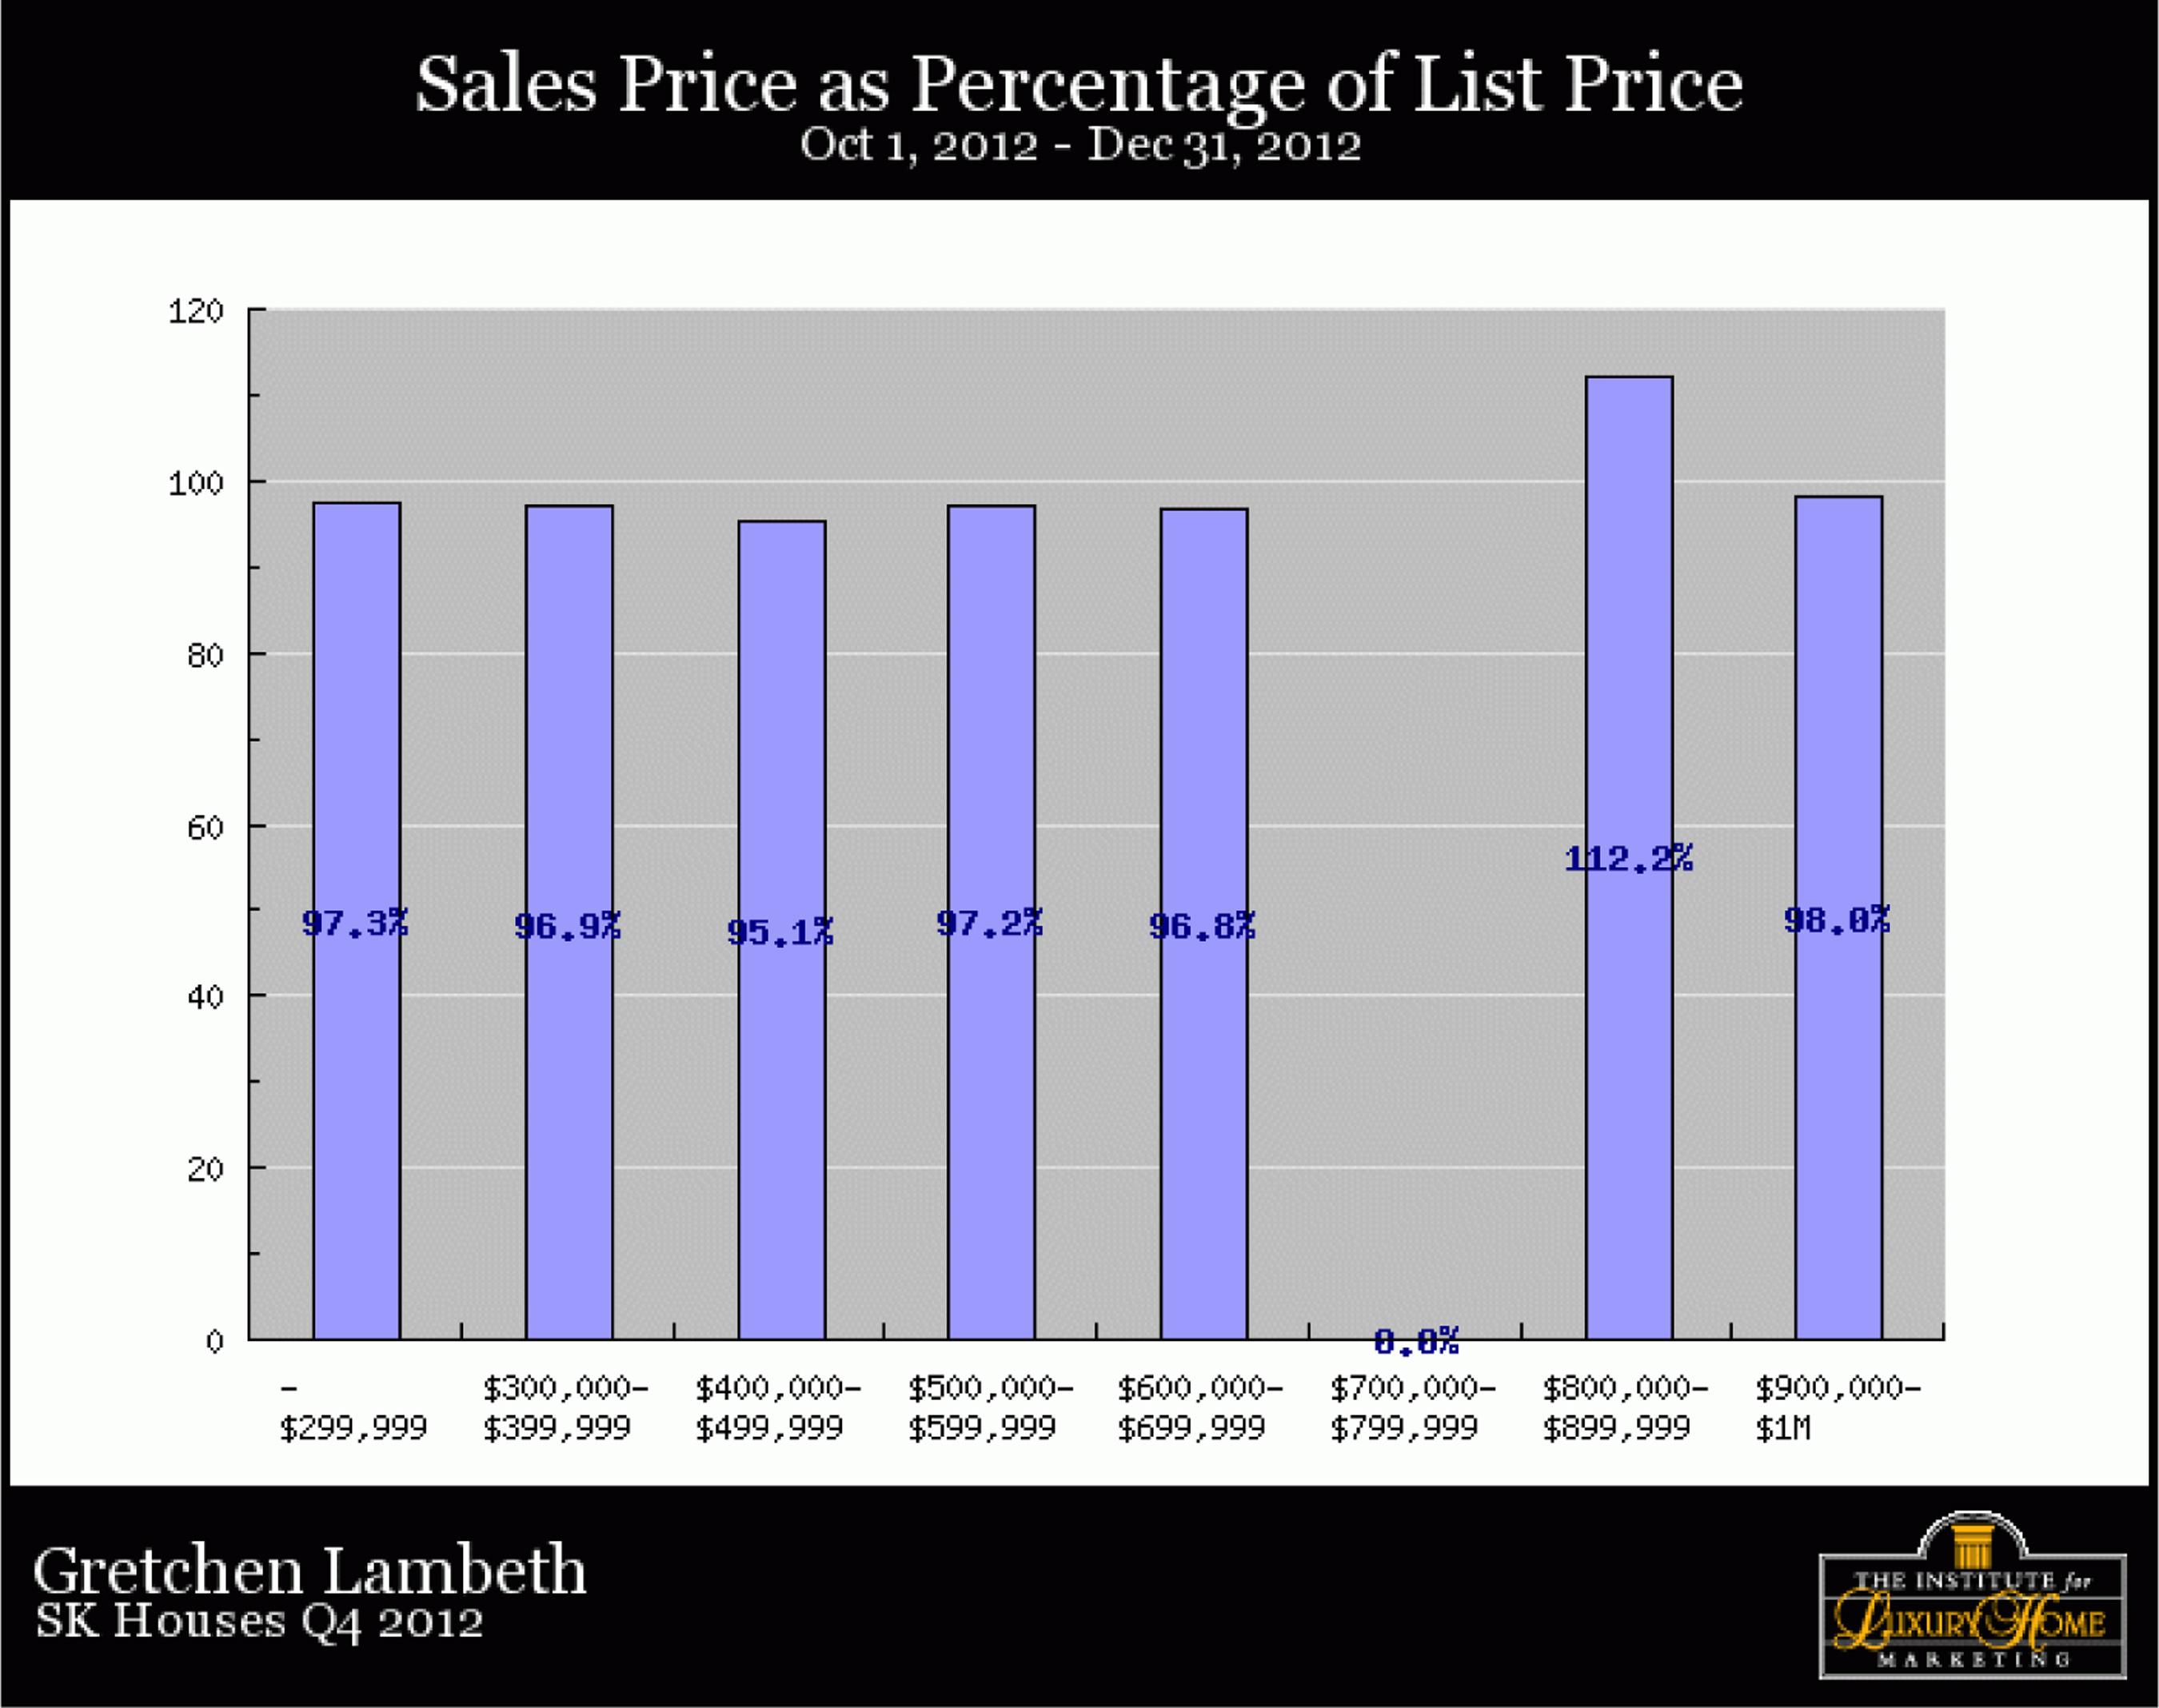 SK-Homes-Q4-2012-salespriceofpercentprice